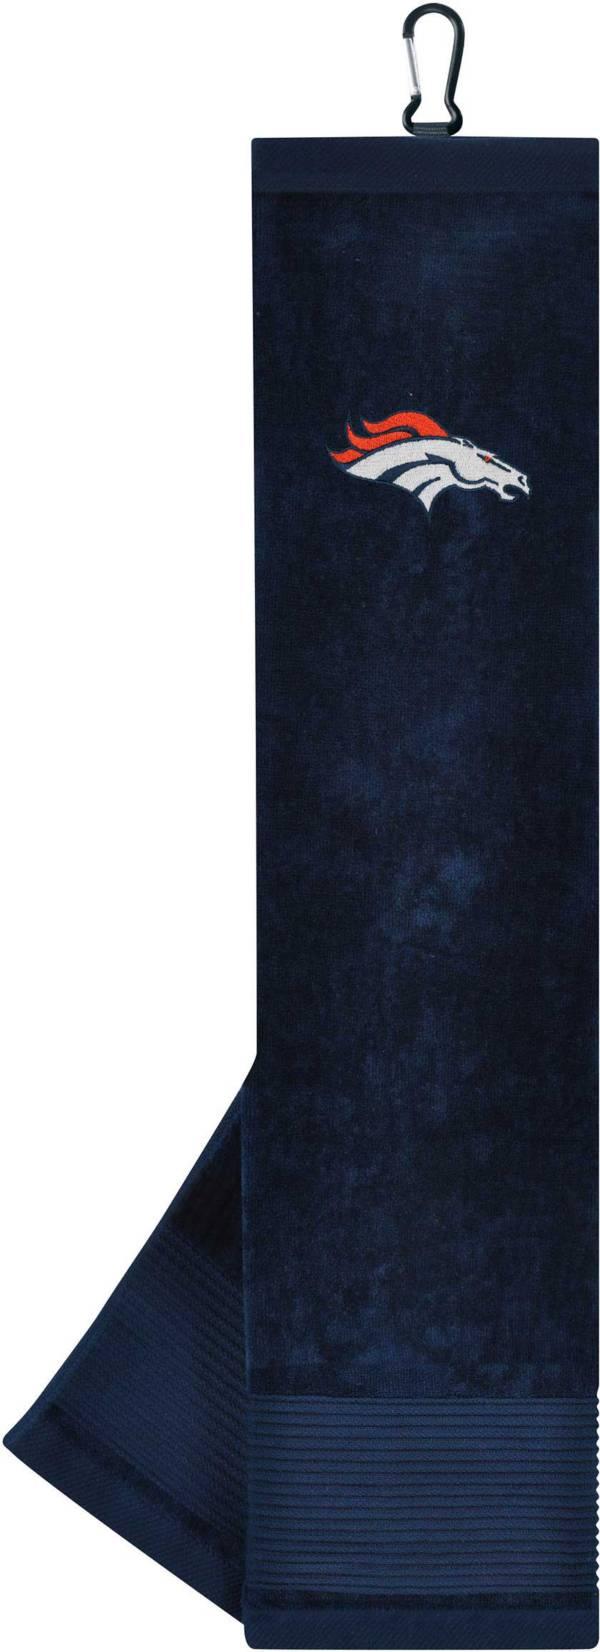 Team Effort Denver Broncos Embroidered Face/Club Tri-Fold Towel product image